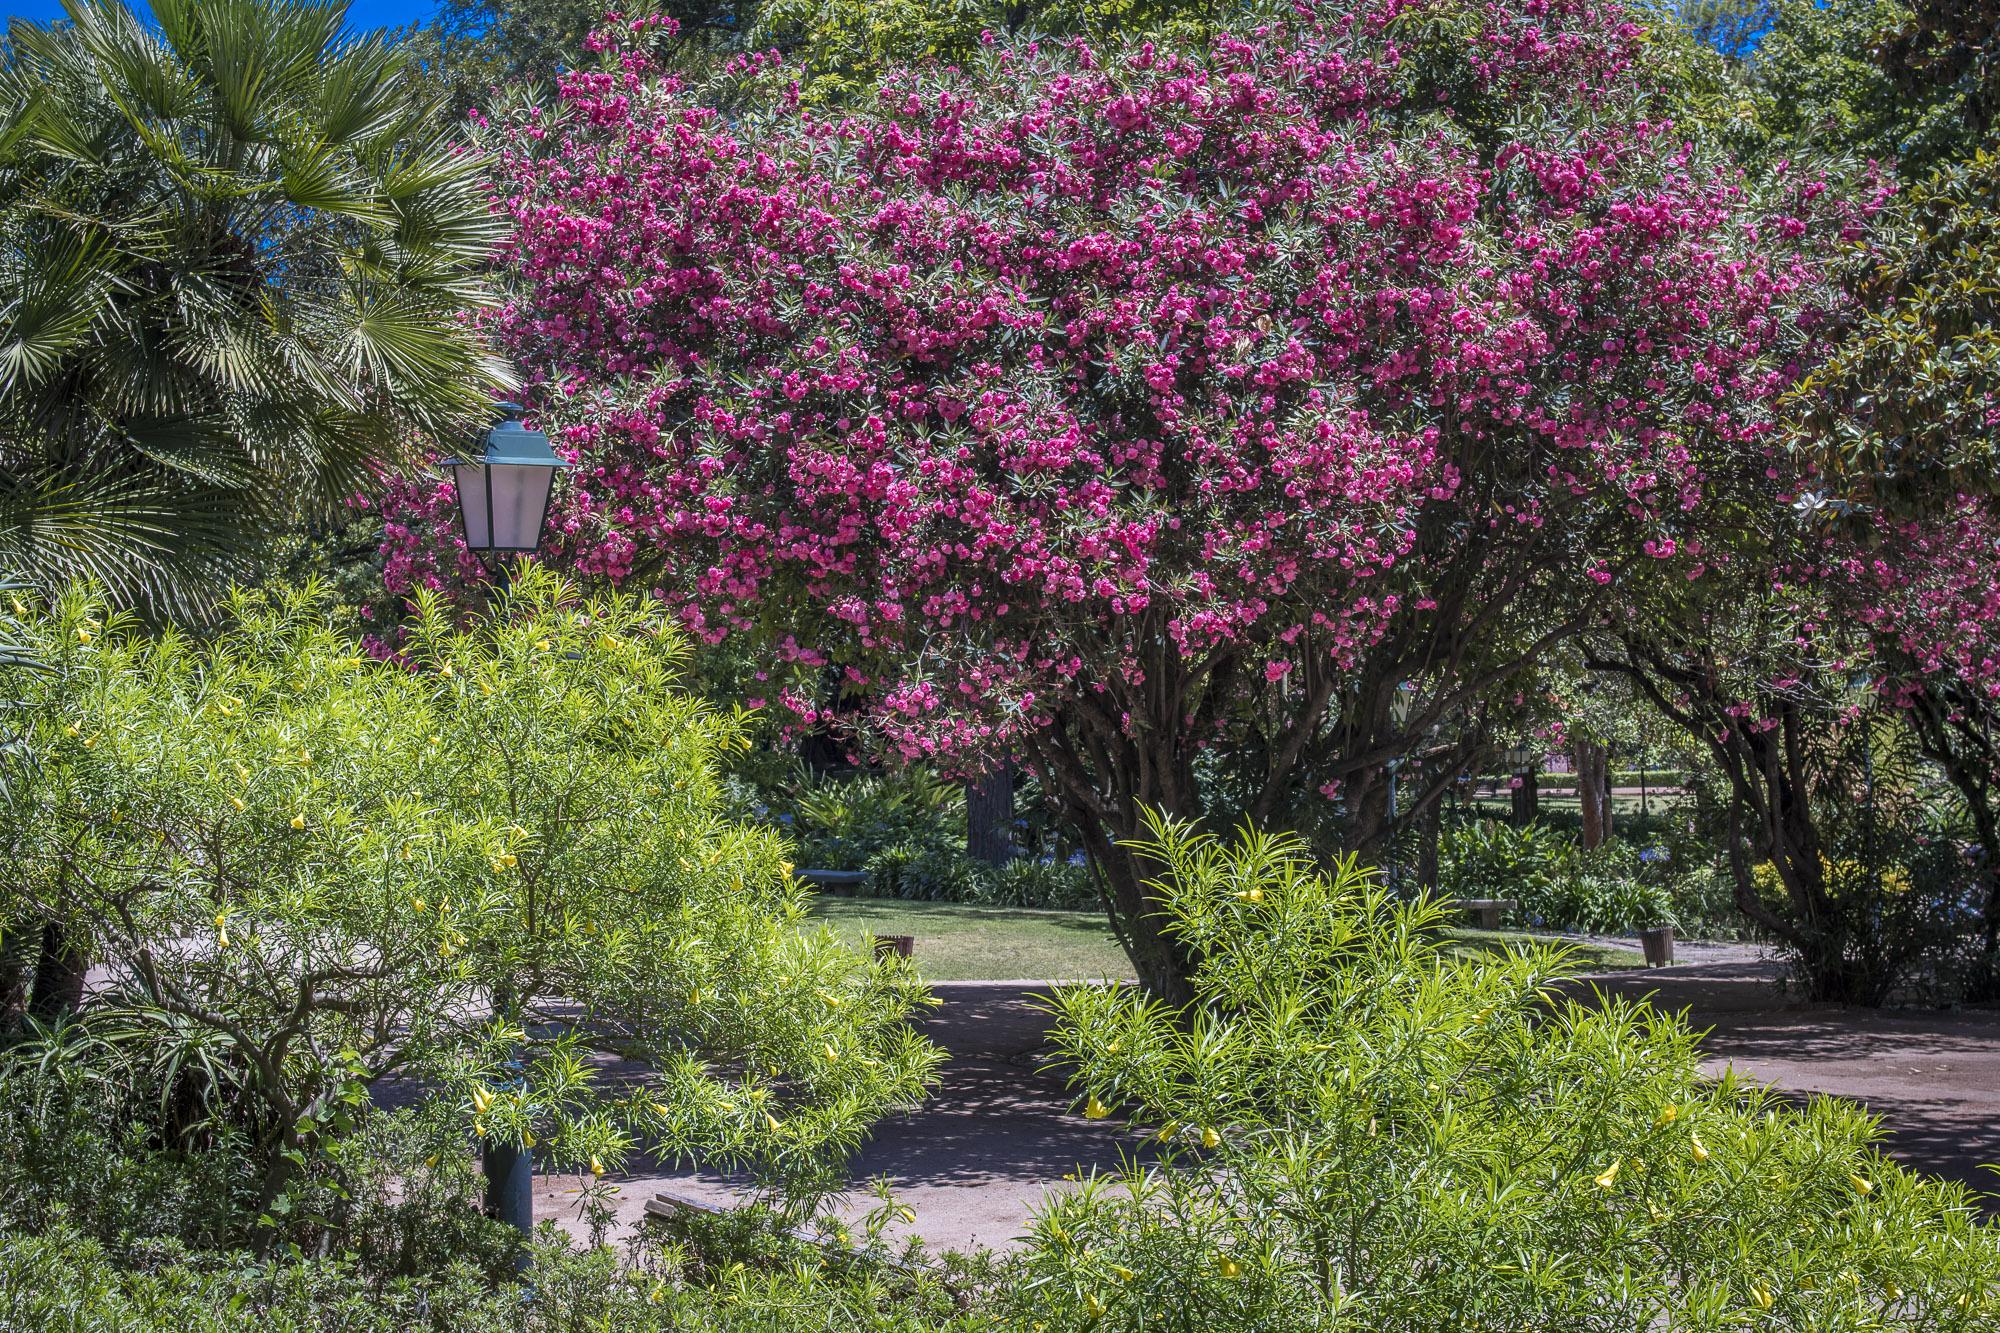 Jardim da Estrela  PHOTOGRAPHY: ALEXANDER J.E. BRADLEY •NIKON D500 • AF-S NIKKOR 24-70mm f/2.8G ED • 35mm • F/8 •1/200 •ISO 100